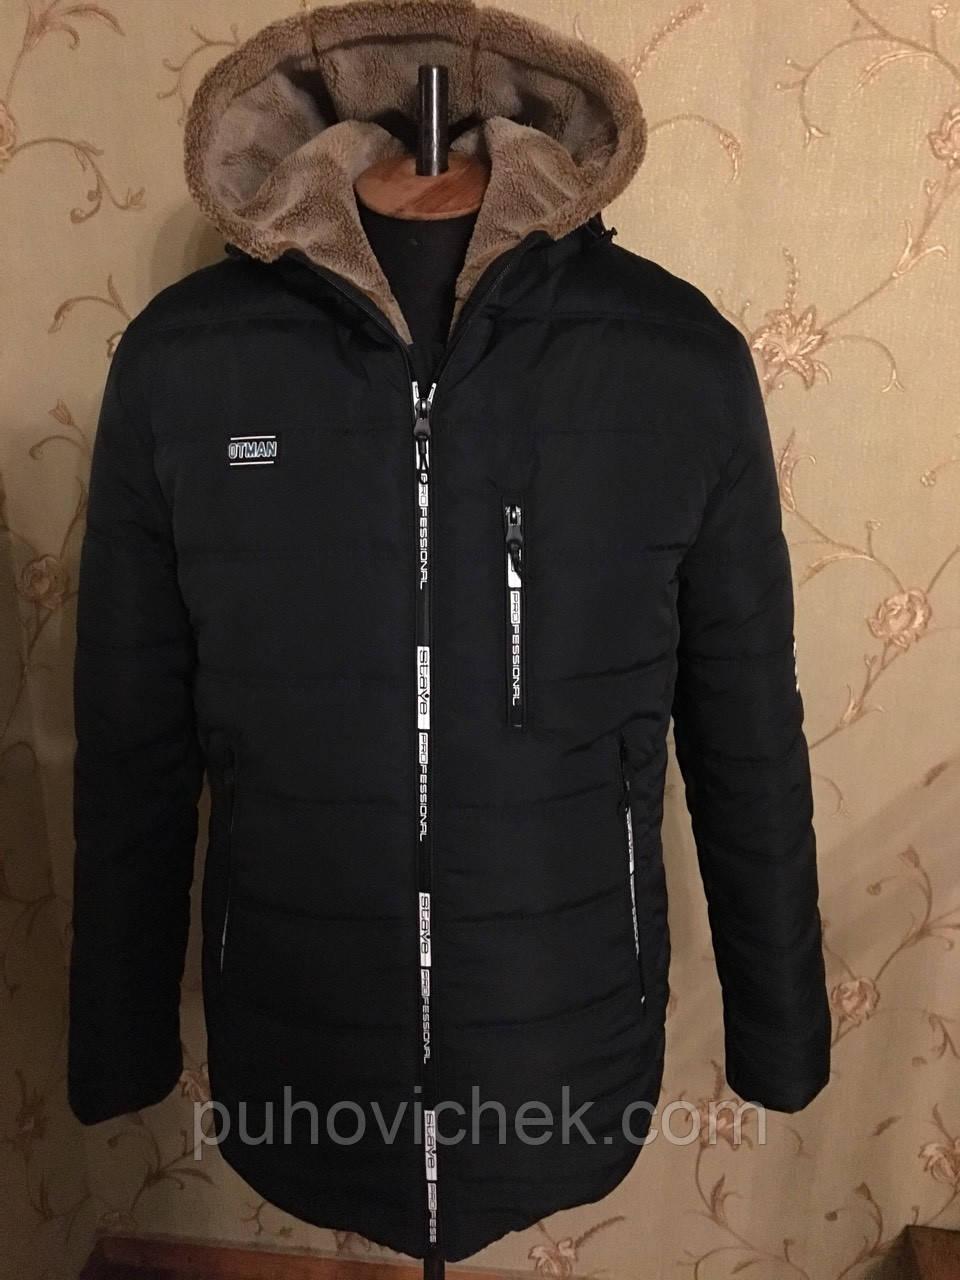 ebb039287c22 Модные зимние куртки мужские стильные - Интернет магазин Линия одежды в  Харькове